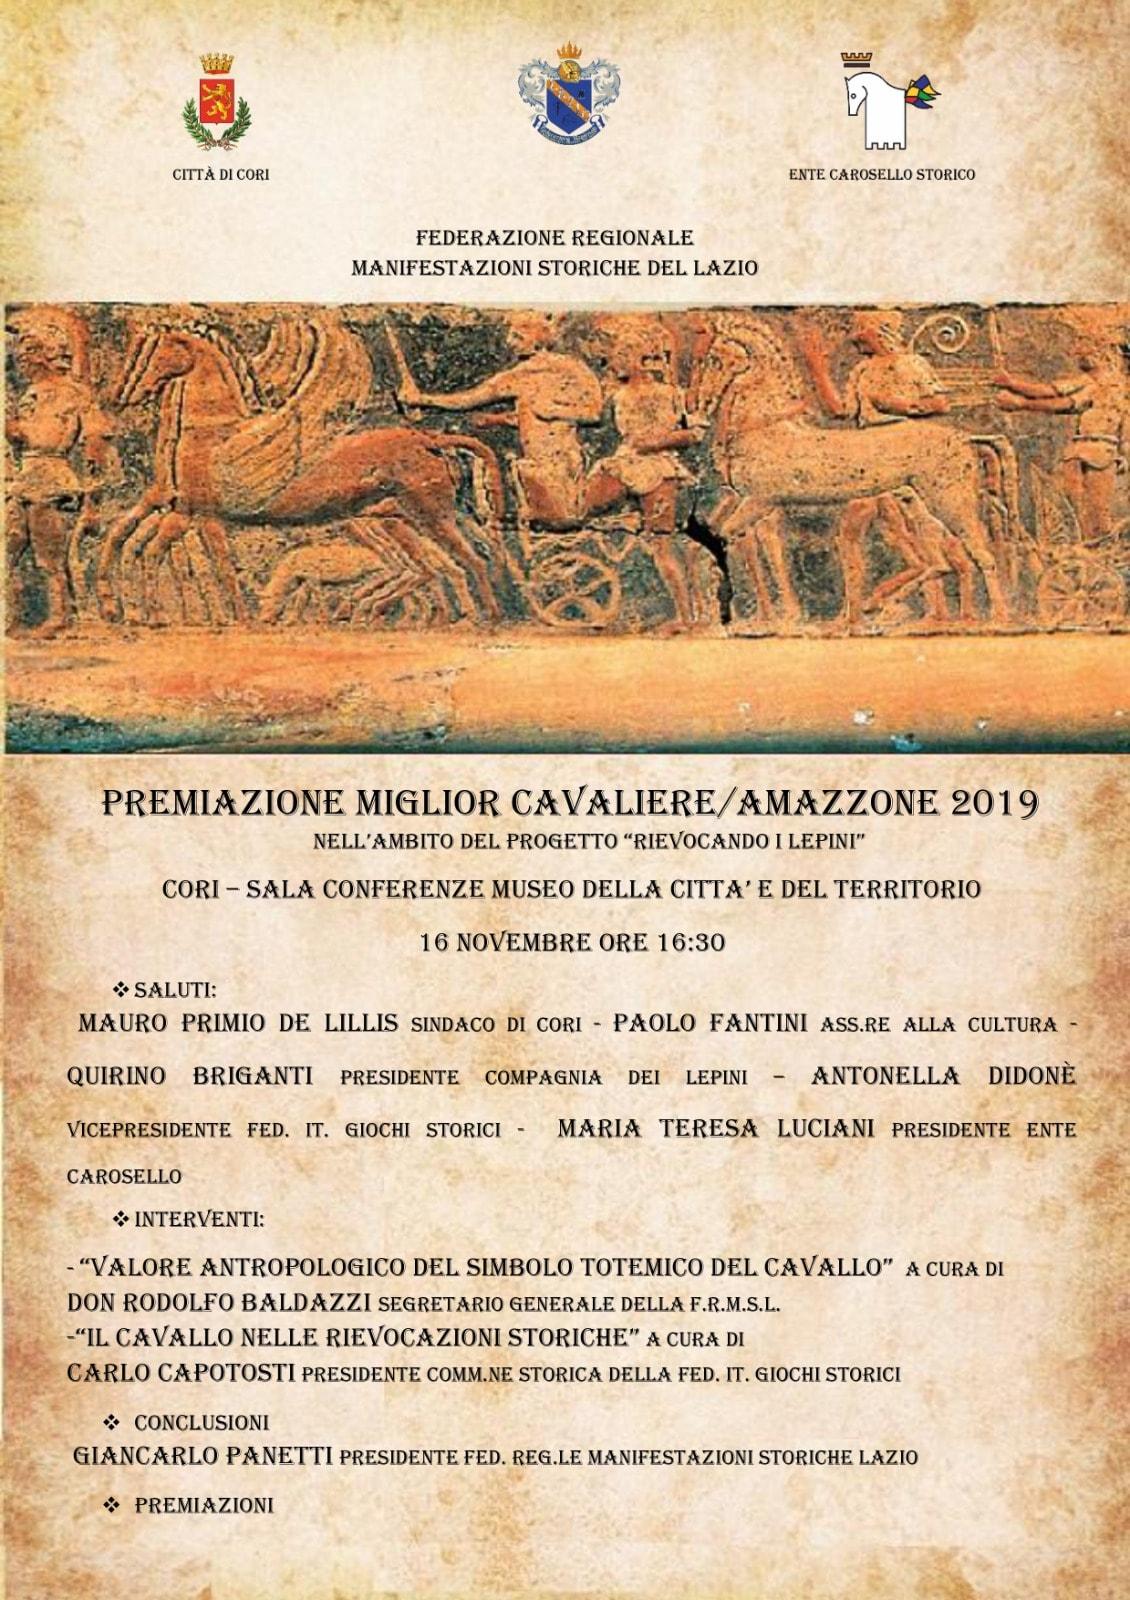 Cori: Premiazione miglior cavaliere/ amazzone 2019 @ Sala conferenze museo della città e del territorio  | Cori | Lazio | Italia